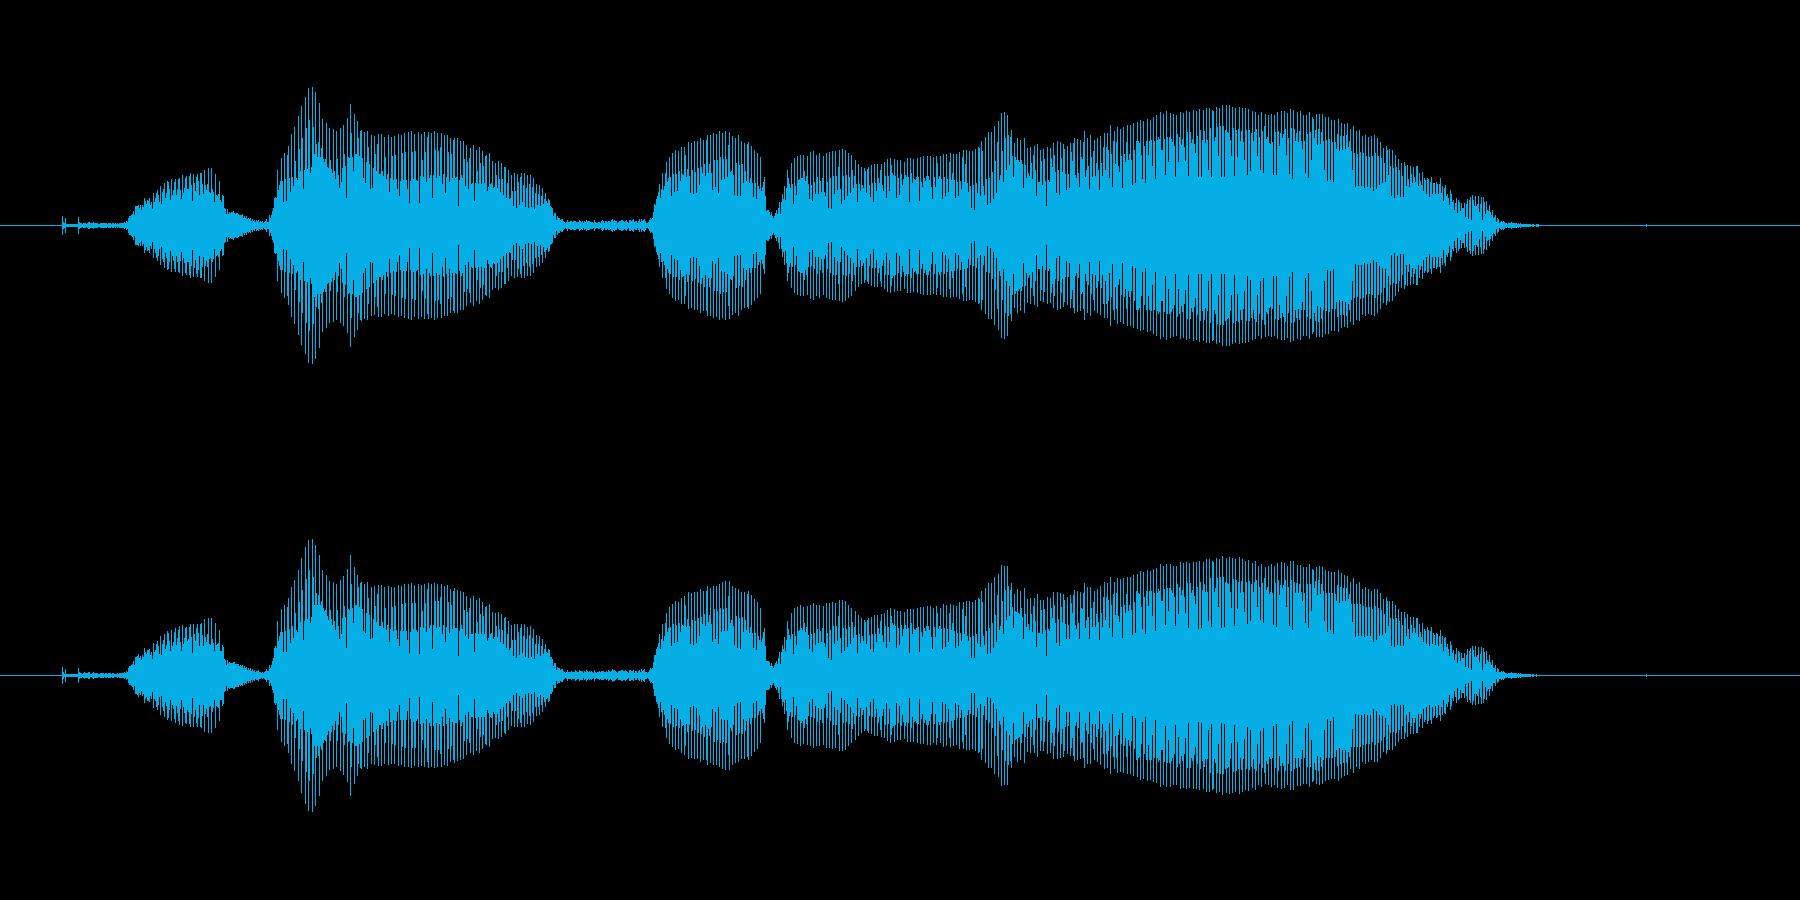 起動するよ〜の再生済みの波形